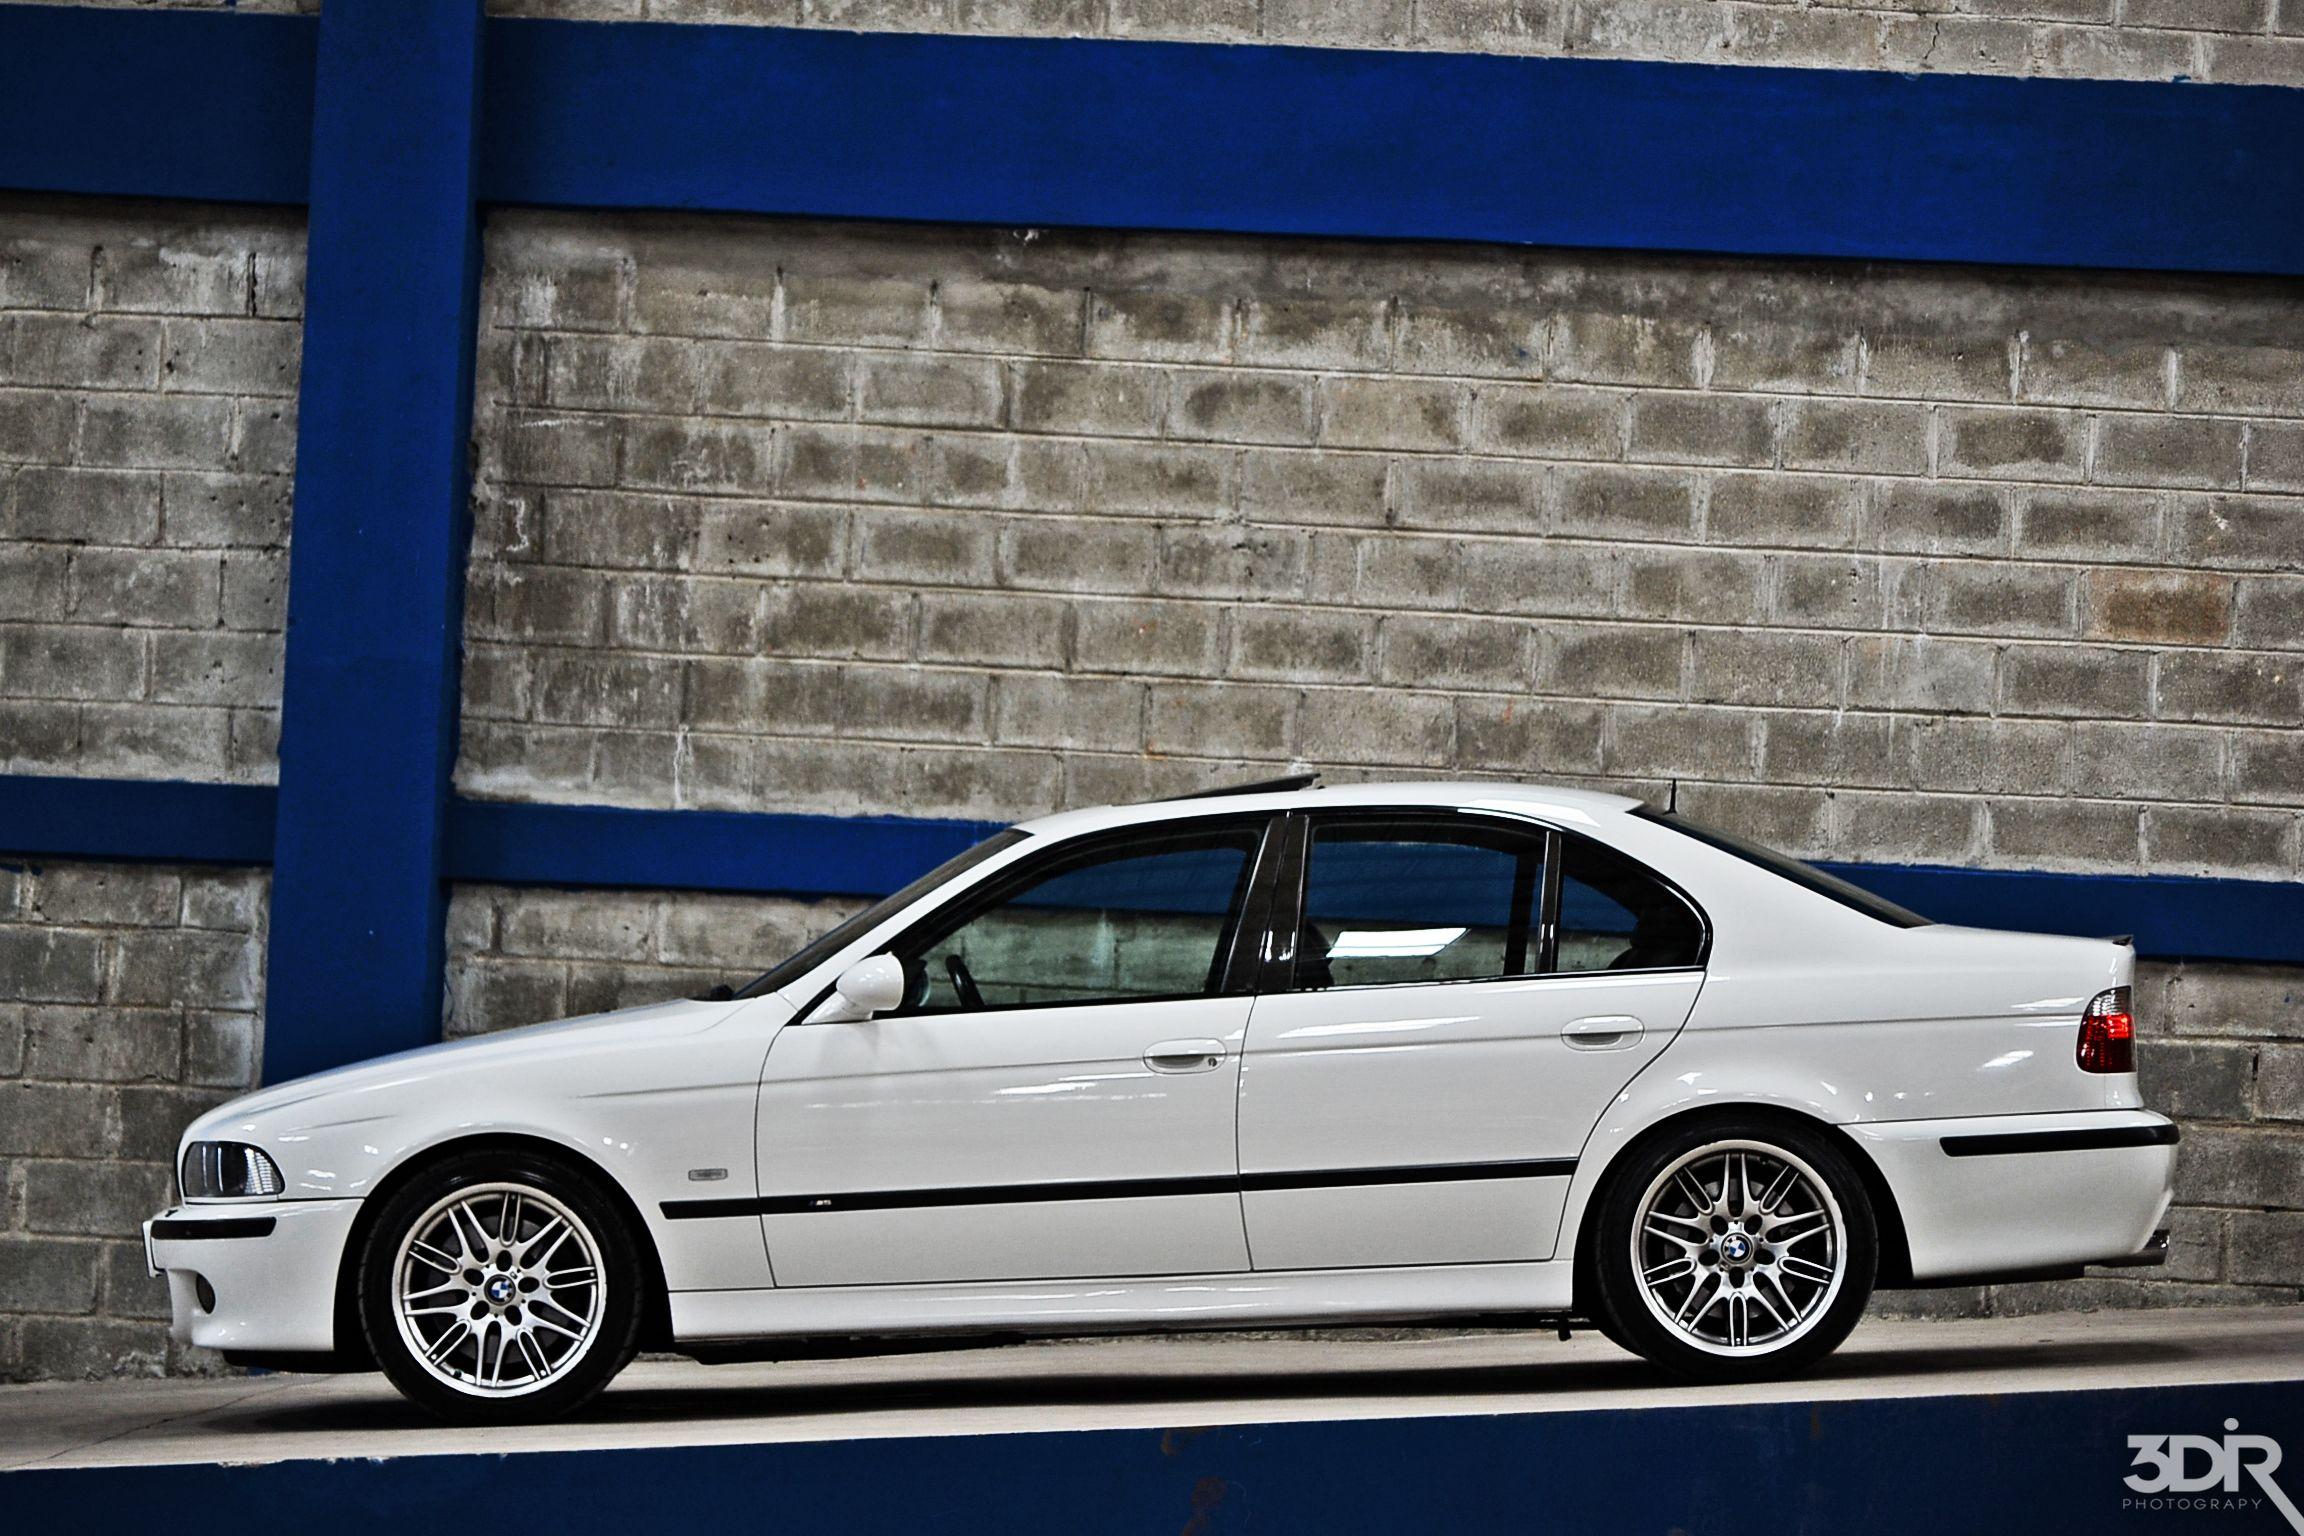 Alpine Weiss Bmw E39 M5